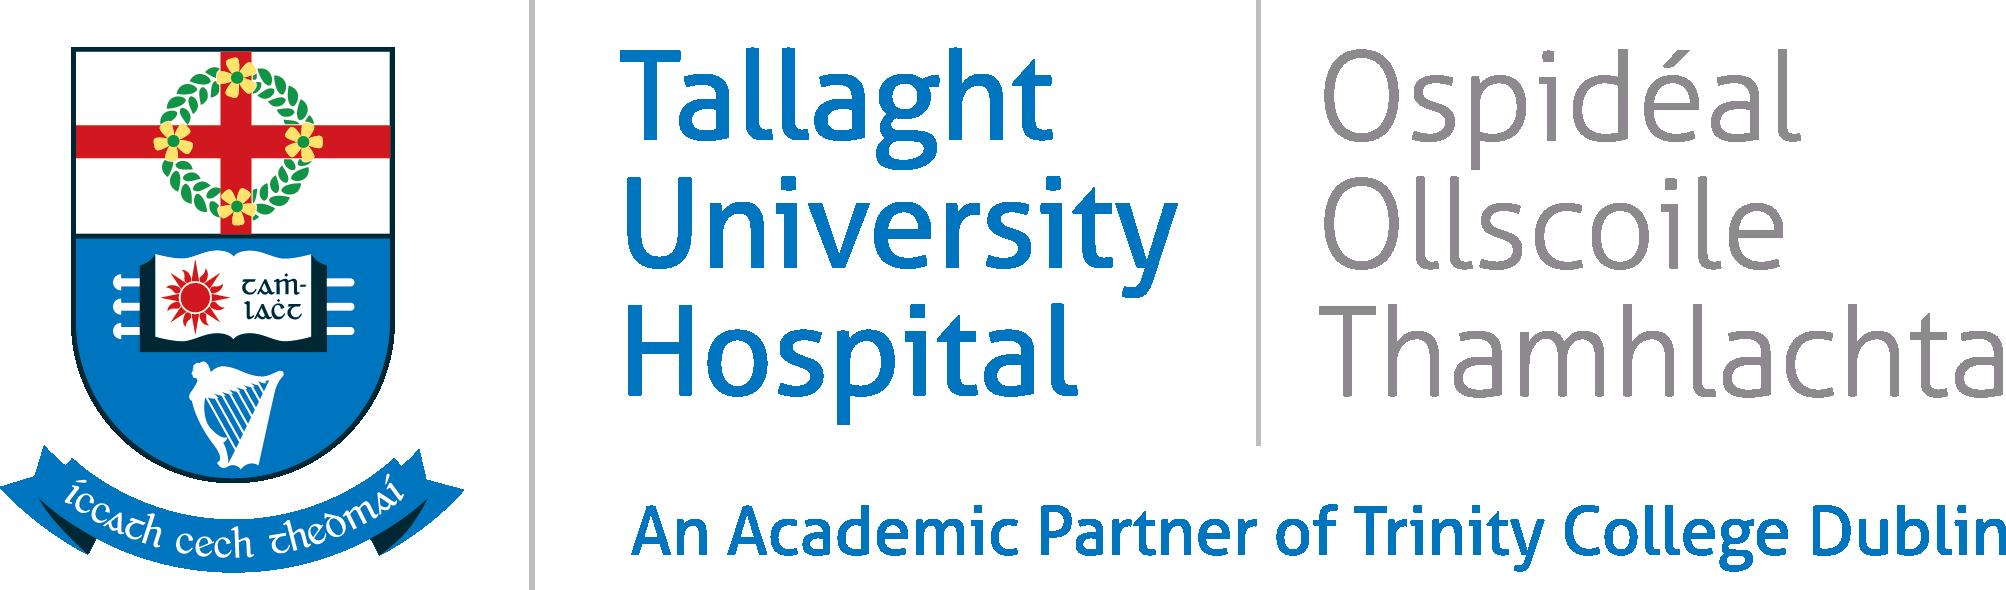 Registrar in Neurology Position at Tallaght University Hospital